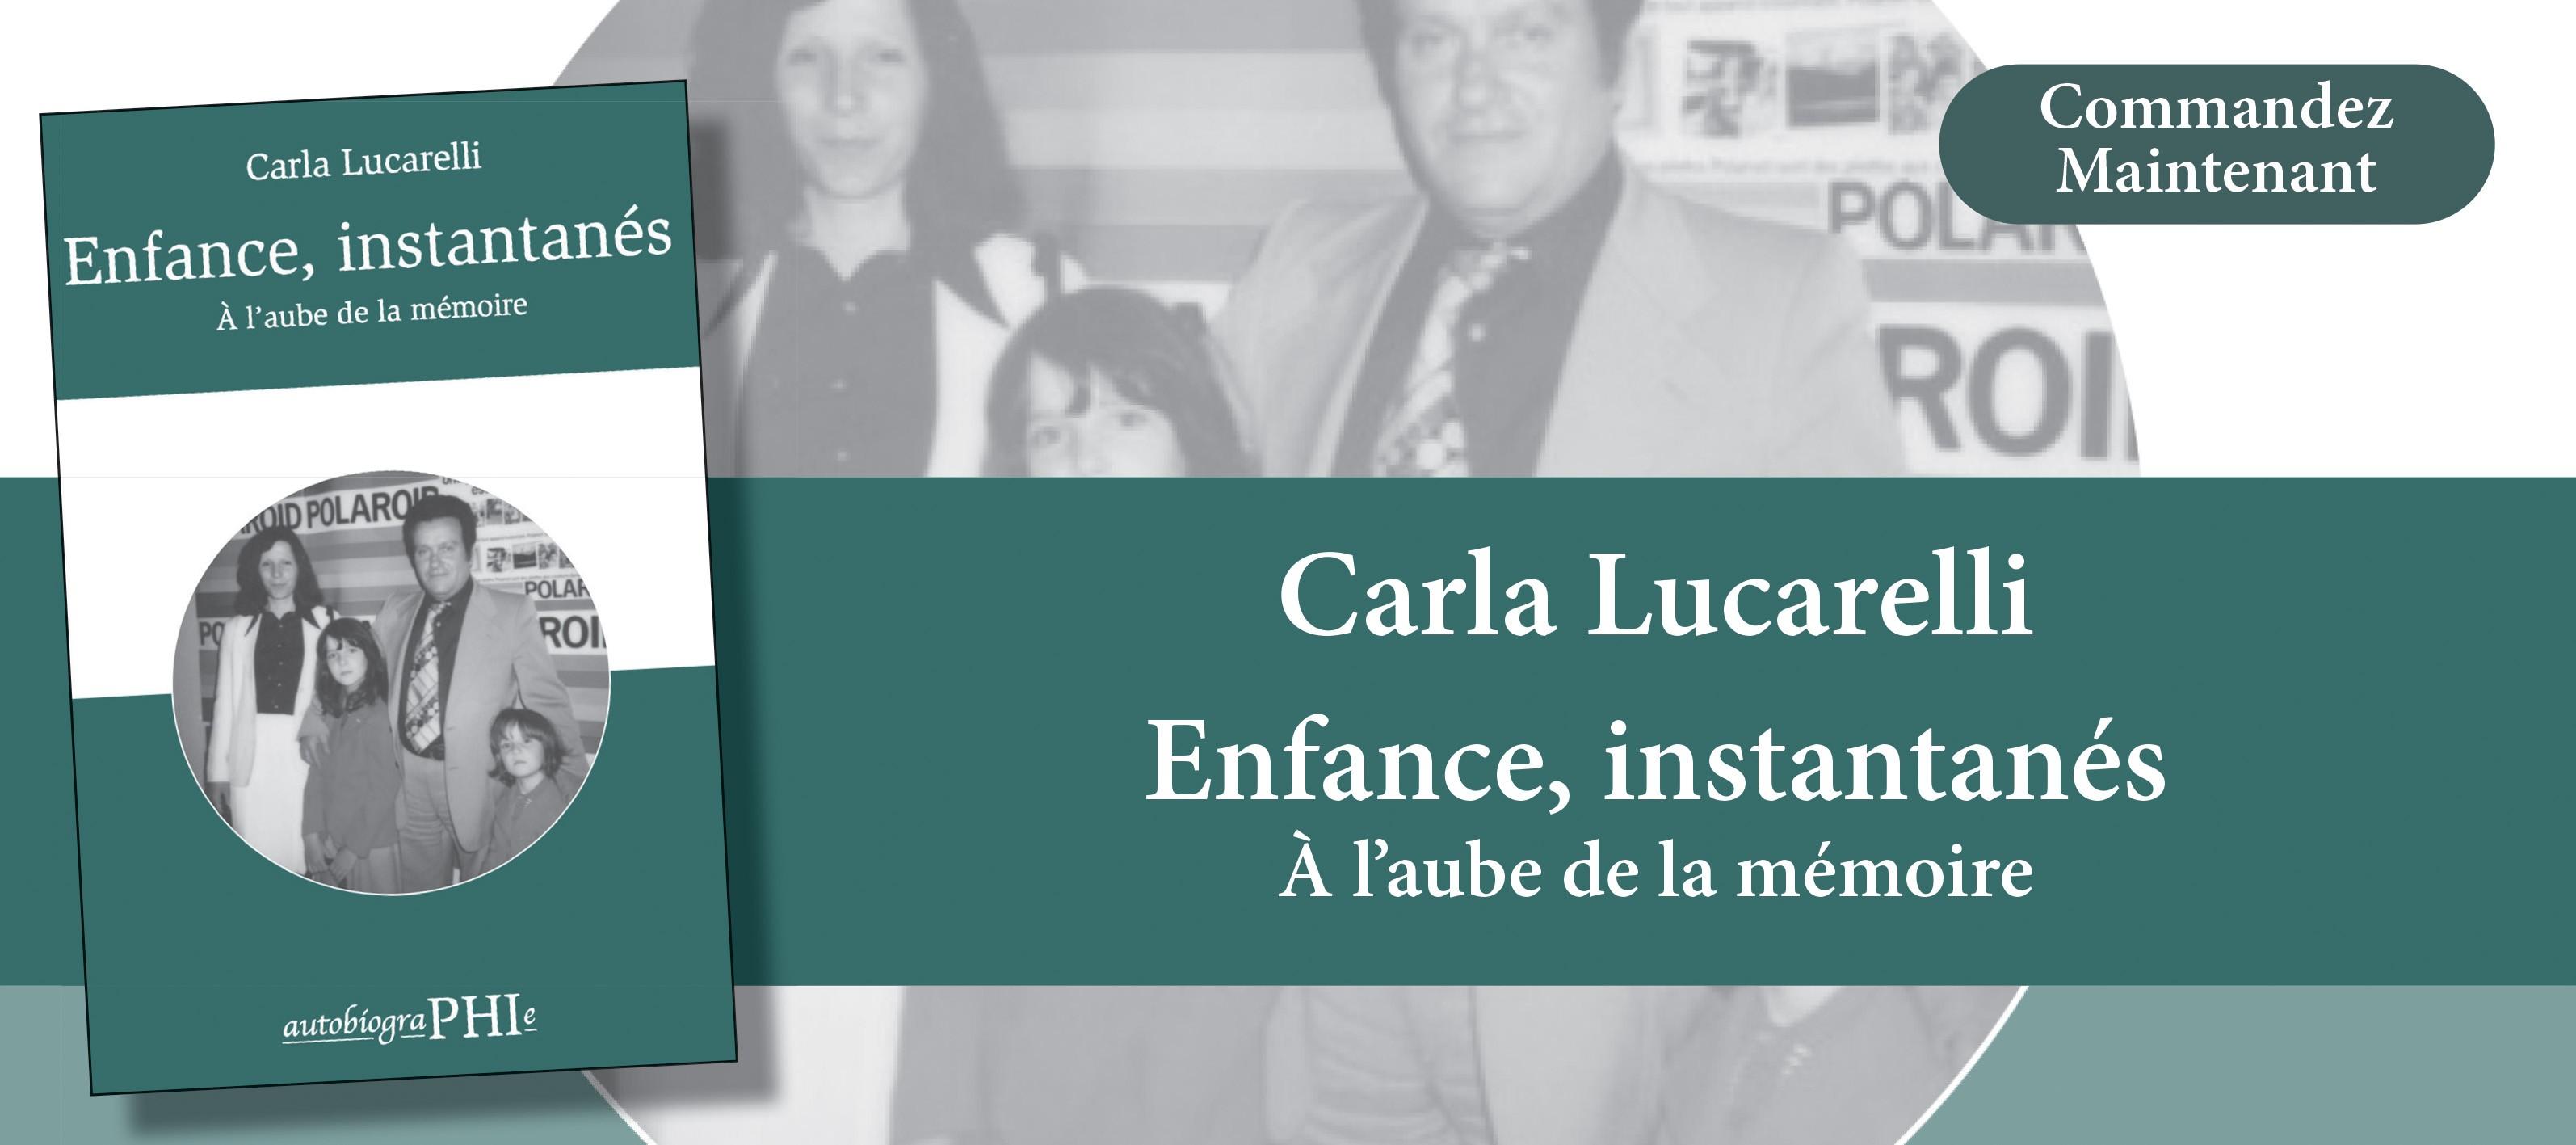 http://www.editionsphi.lu/fr/nouveautes/475-carla-lucarelli-enfance-instantanes.html